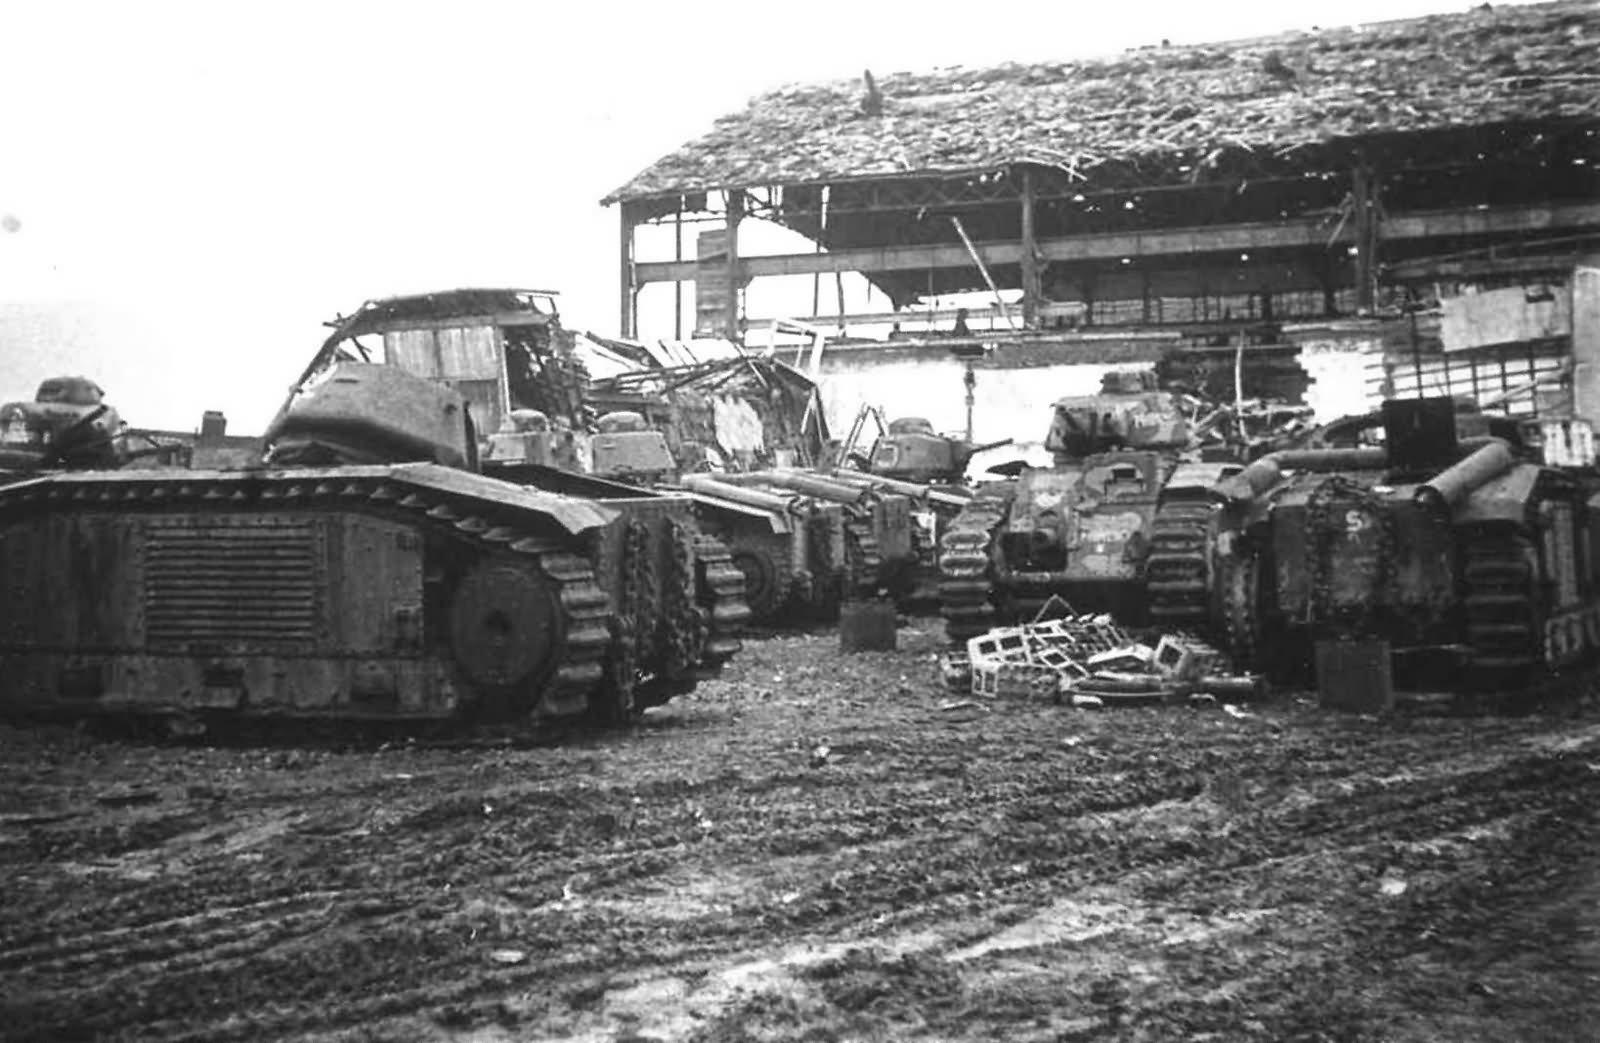 Destroyed B1 bis tanks